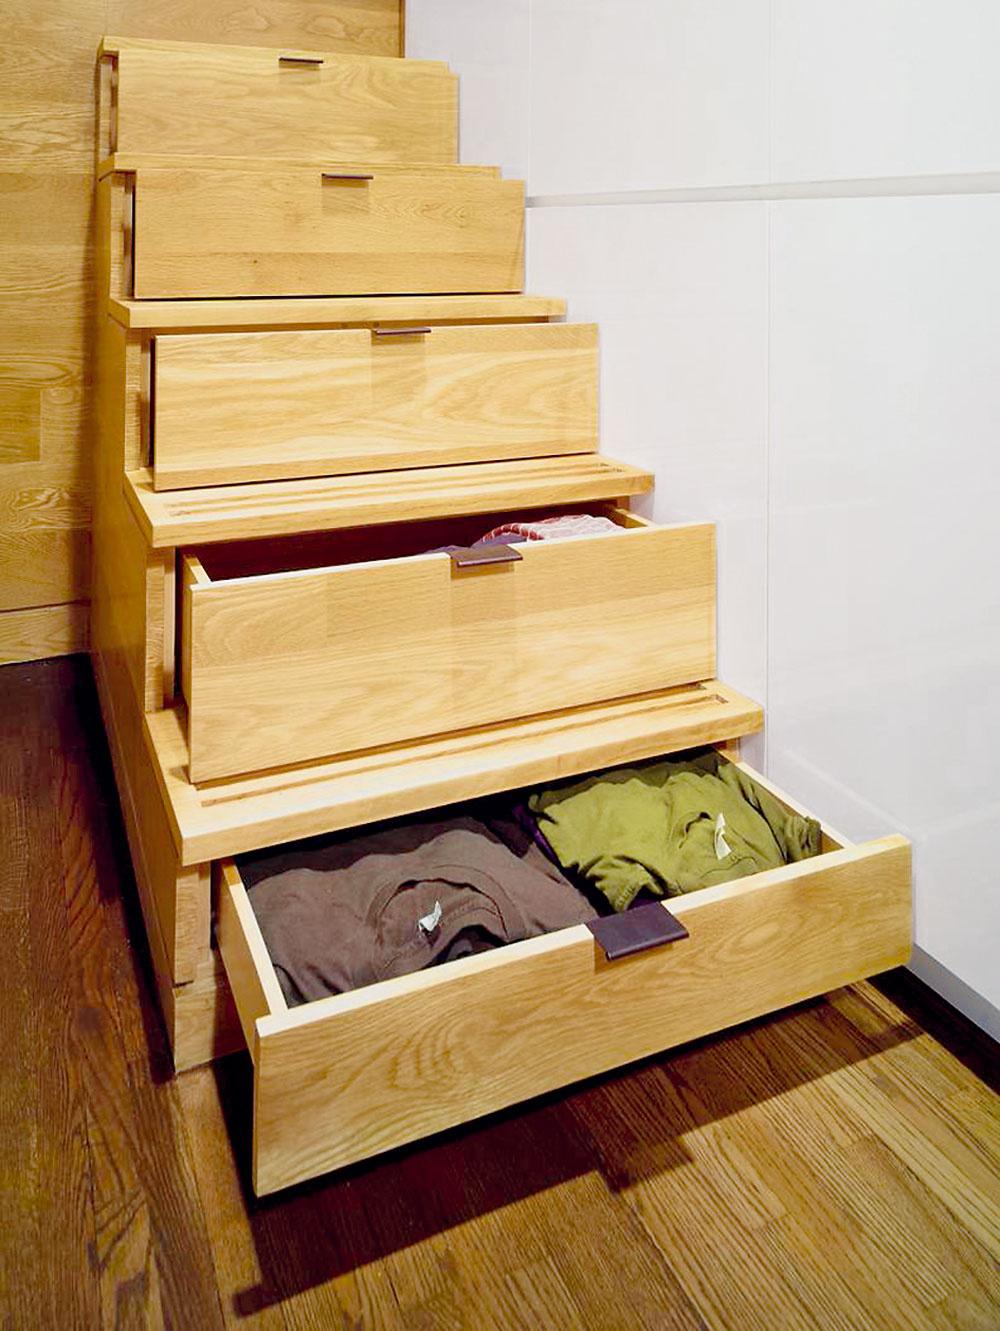 Aj obyčajné drevené schody vsebe ukrývajú možnosti na skladovanie. Nič veľké sem síce neuložíte, ale na množstvo drobností alebo aj oblečenie sa tu nájde dostatok miesta.